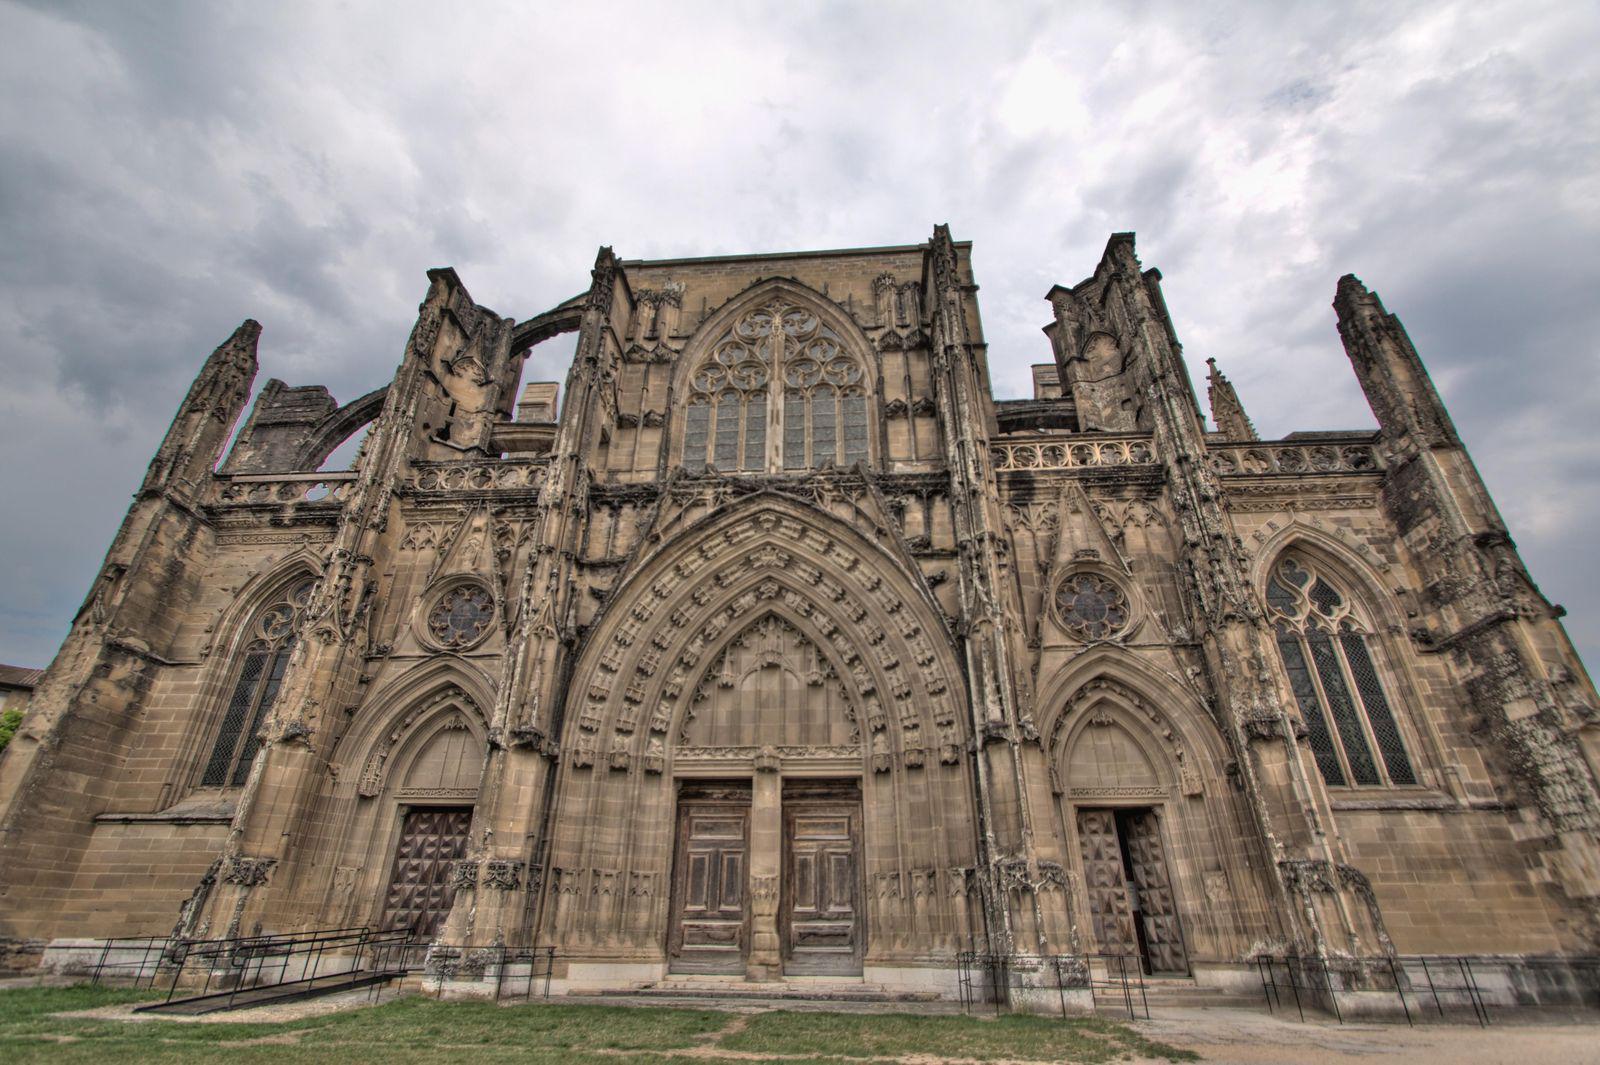 Guide de tourisme par commune saint antoine l 39 abbaye 38 office de tourisme syndicat d - Office de tourisme saint antoine l abbaye ...